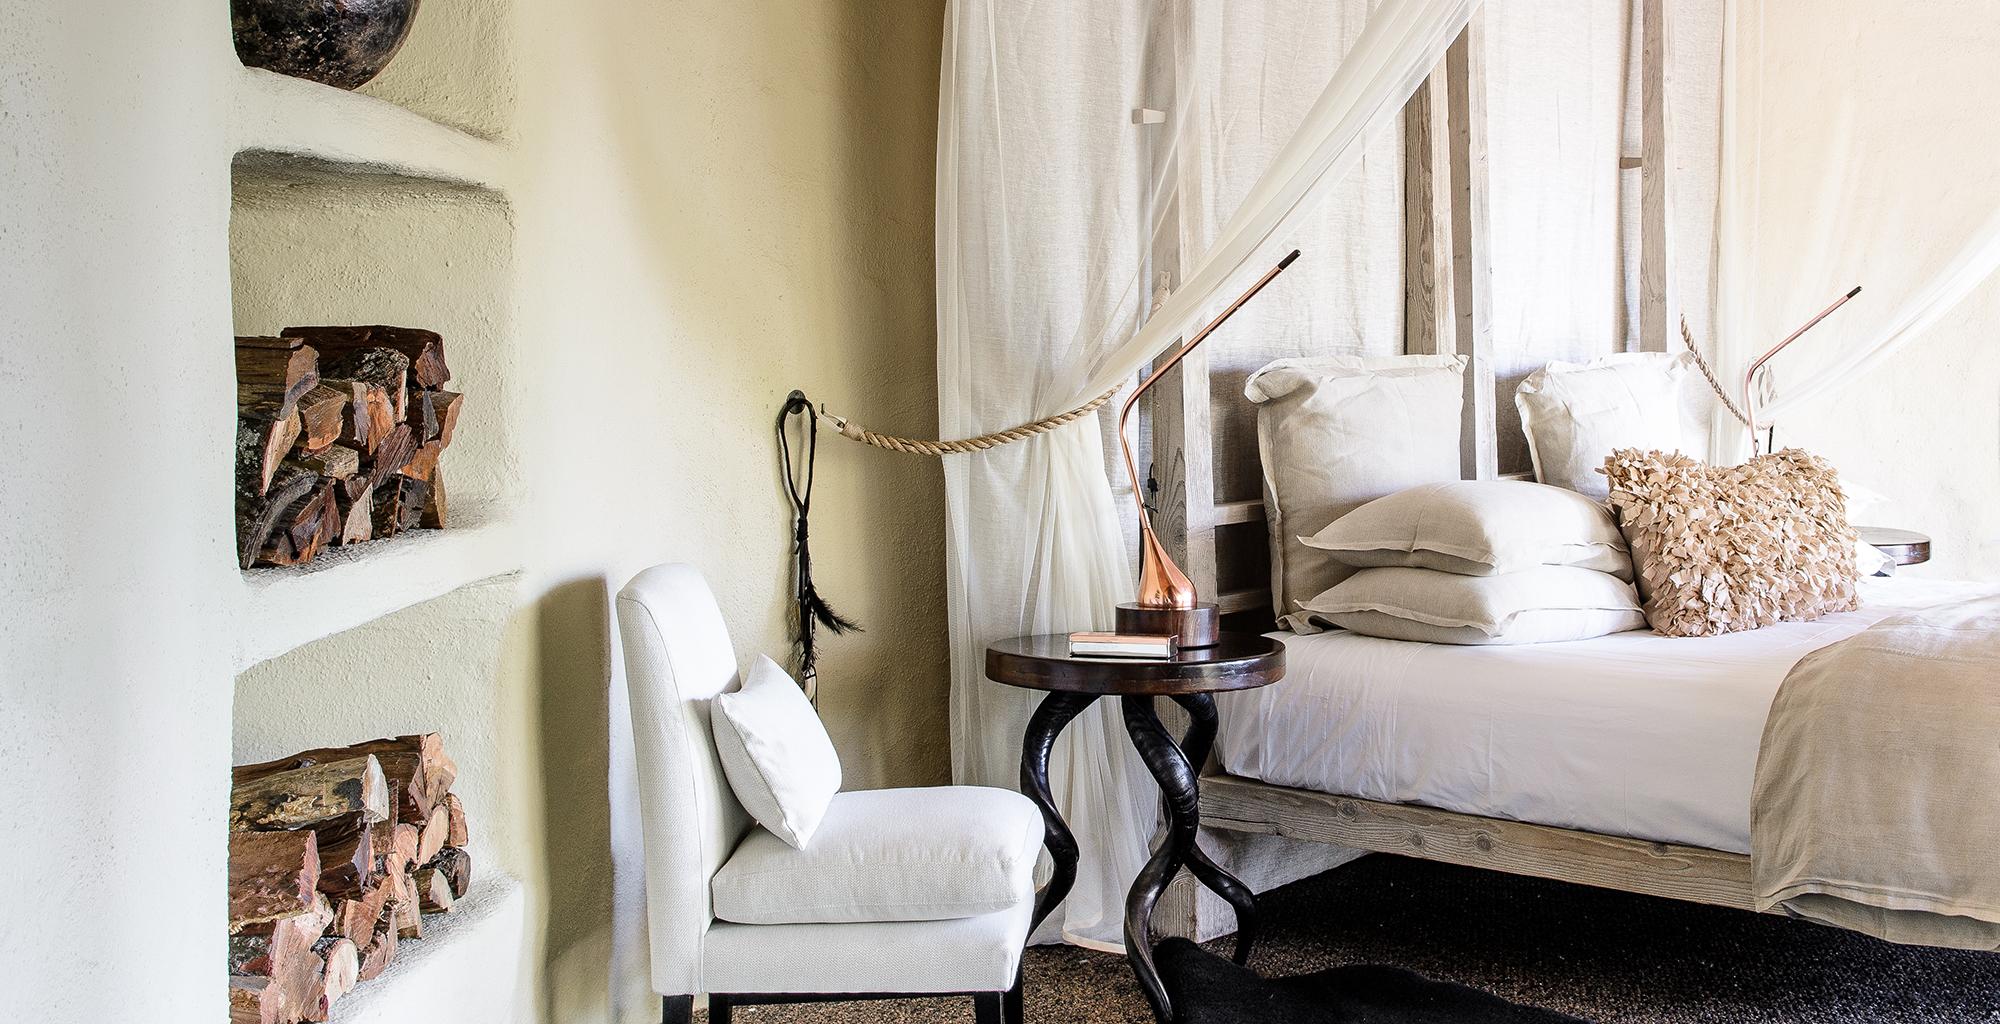 South-Africa-Singita-Boulders-Bedroom